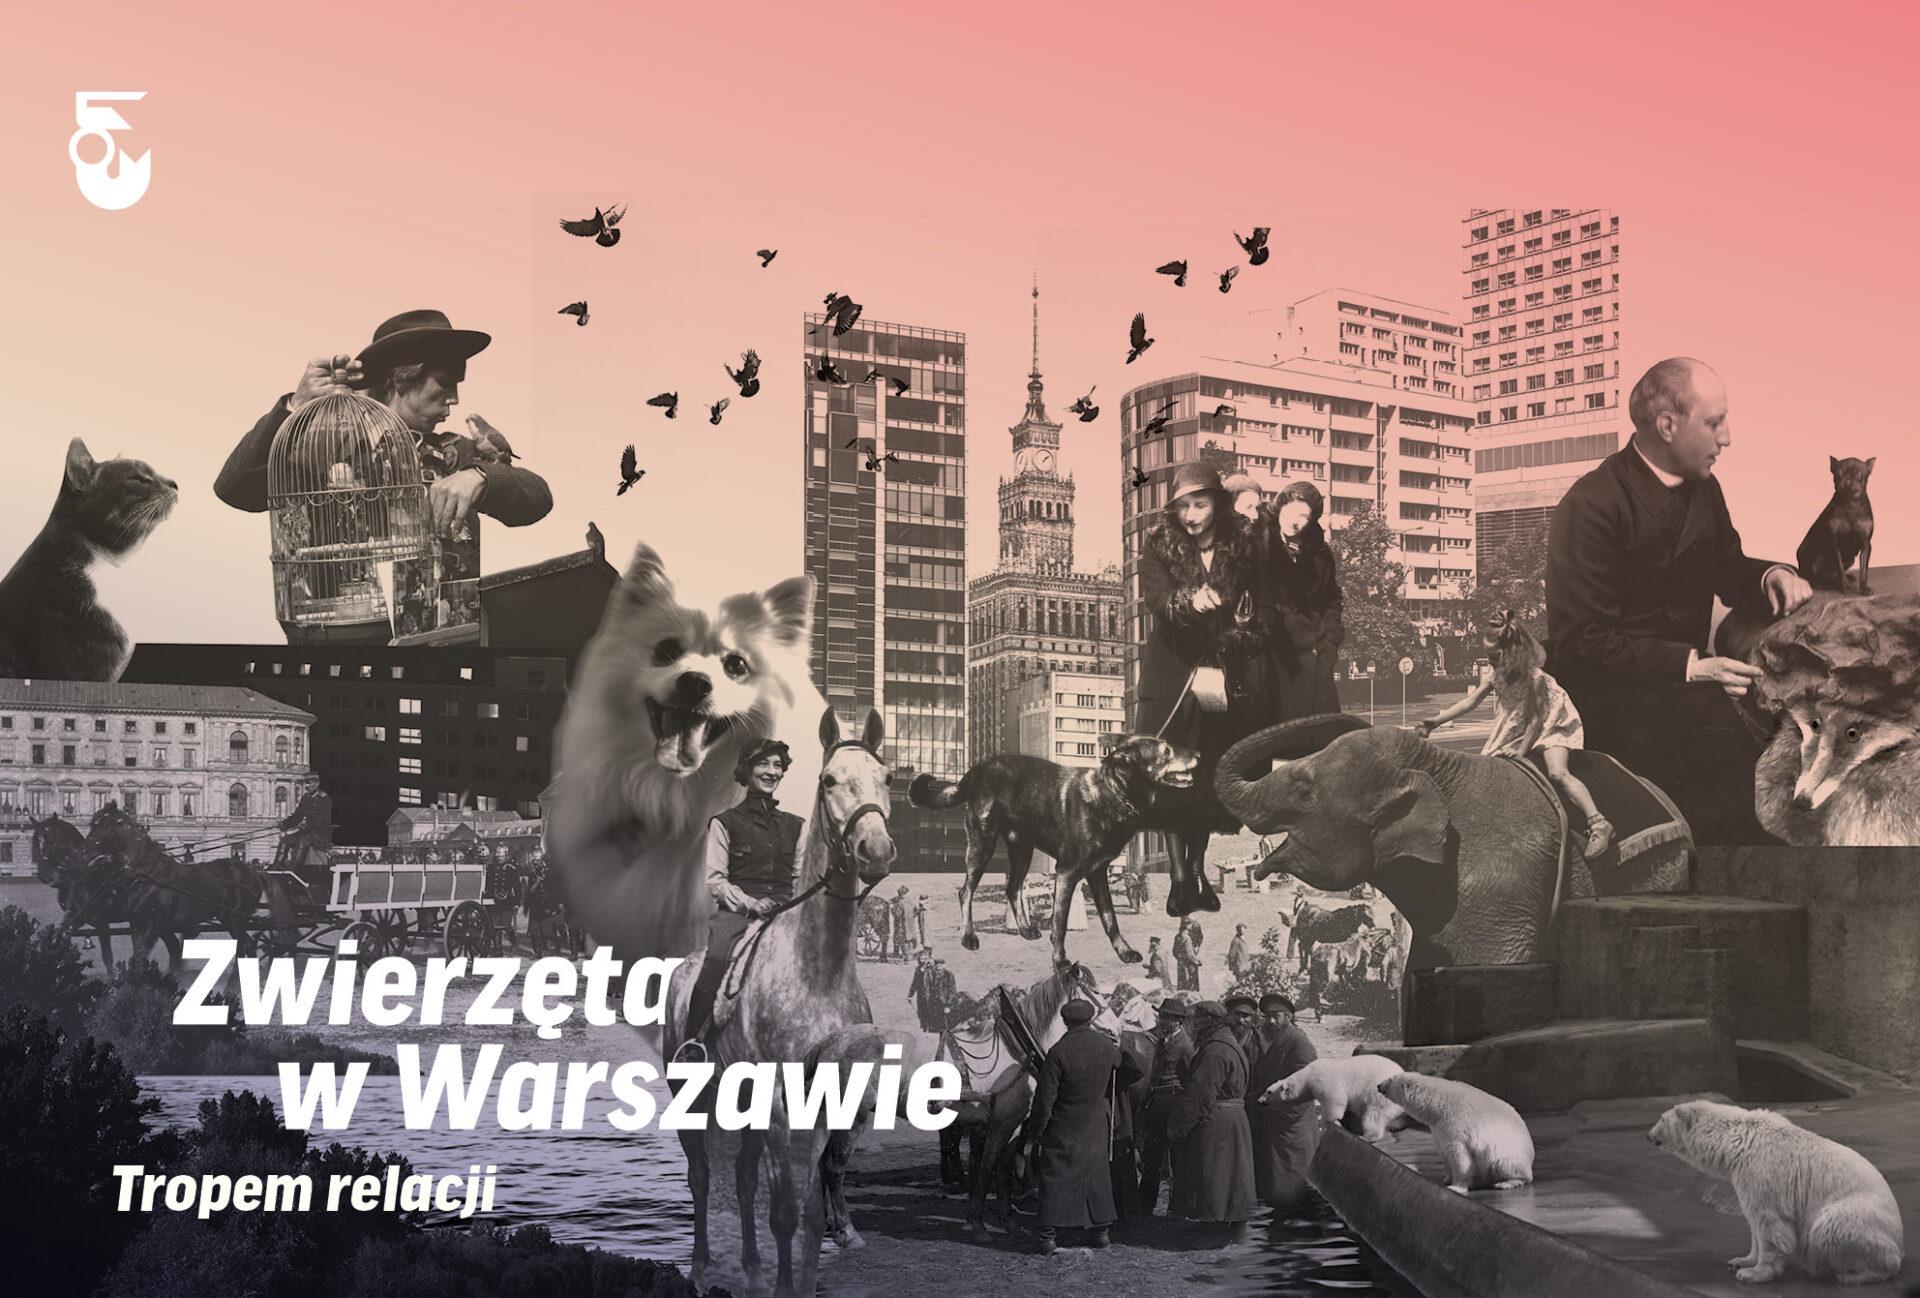 Warszawa zwierzęca. Warsztaty dla rodzin